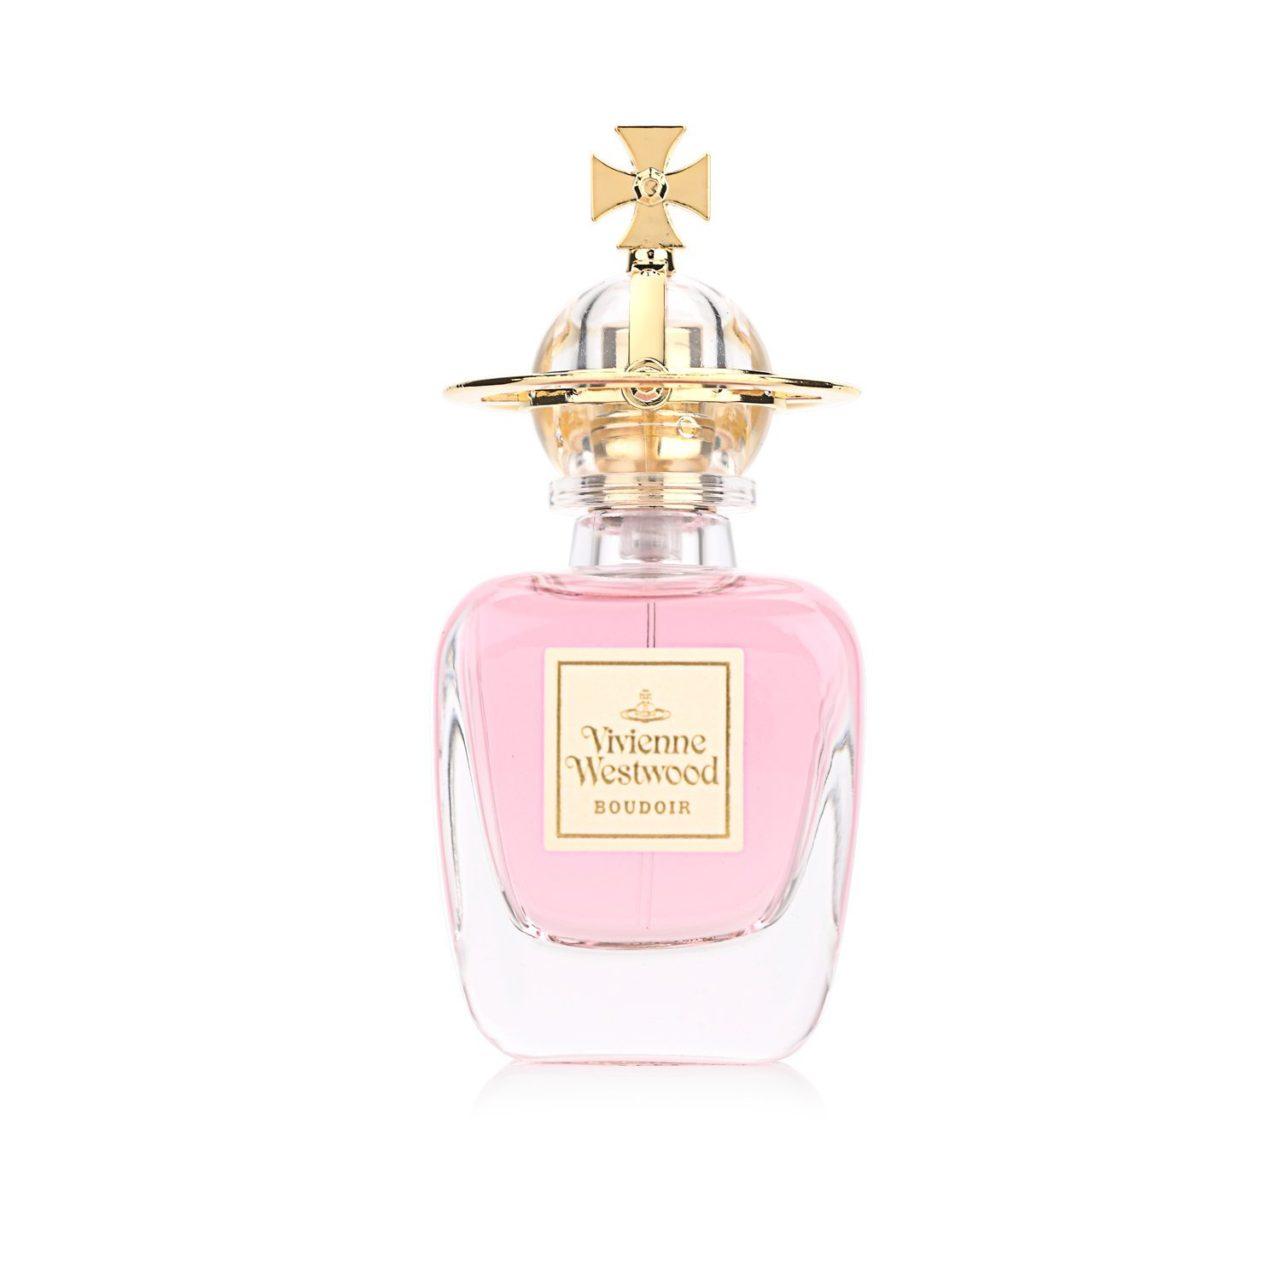 d0b4352cda140 Erkeklerin Beğendiği Kadın Parfümü Markaları Top 10